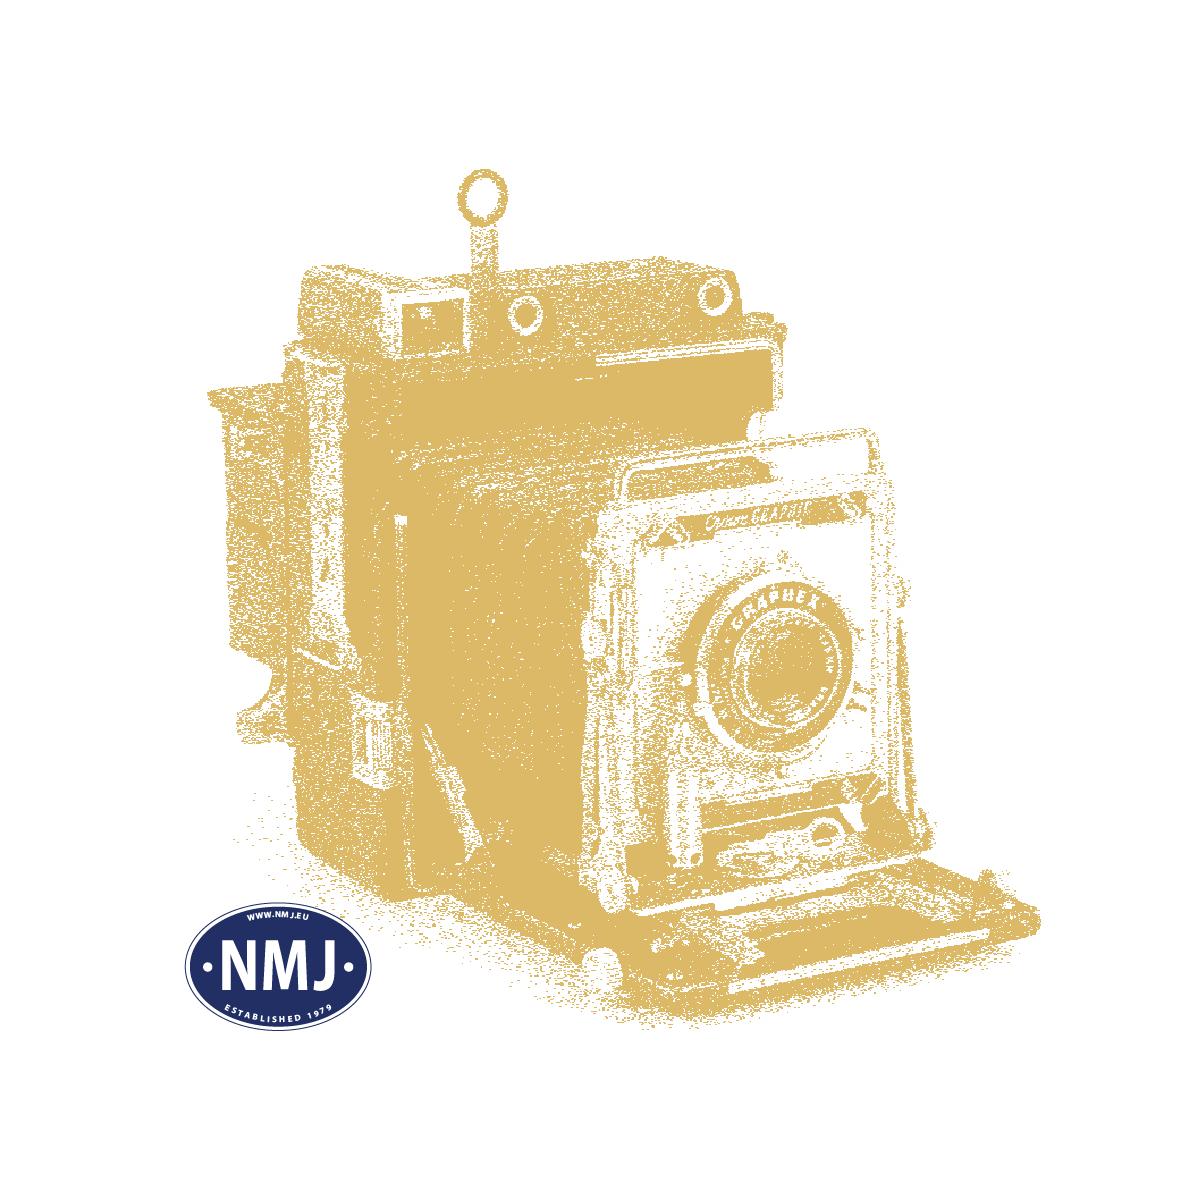 NMJT9908 - Pantograf for NMJ Topline EL13, Ny type, 2 stk (1 Par)